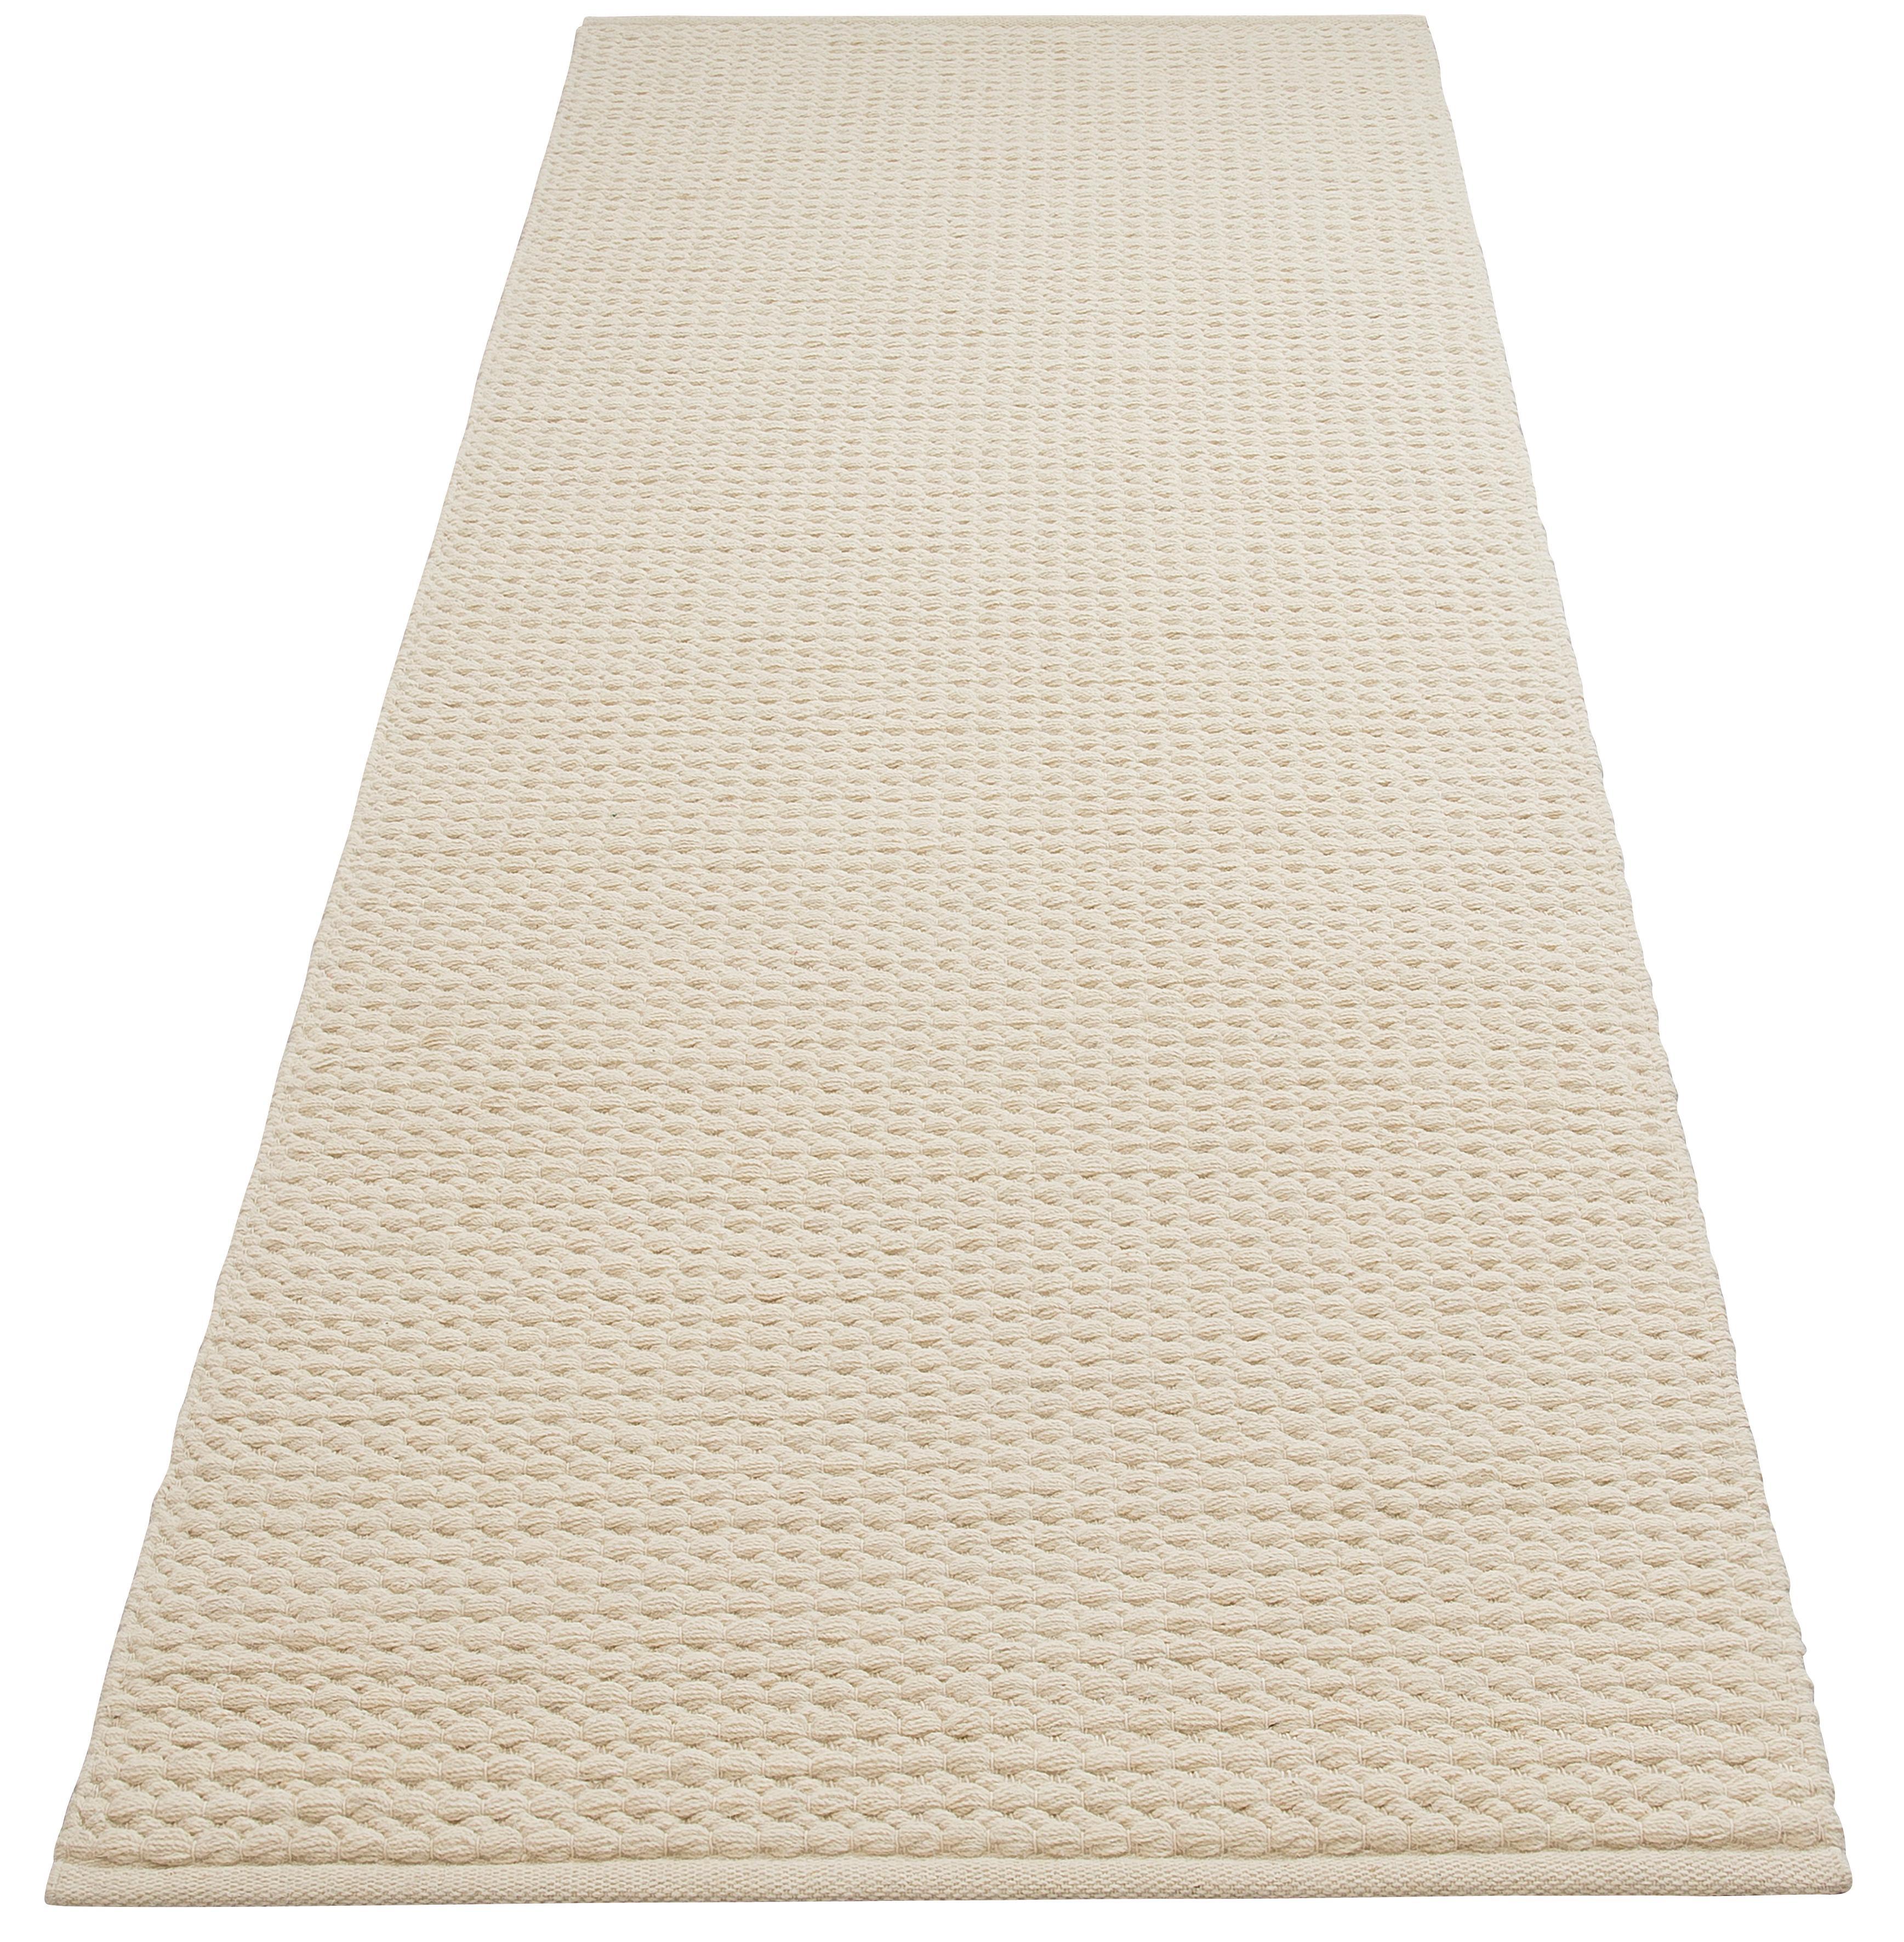 DELAVITA Läufer Sanara, rechteckig, 13 mm Höhe, Strick-Optik beige Teppichläufer Teppiche und Diele Flur